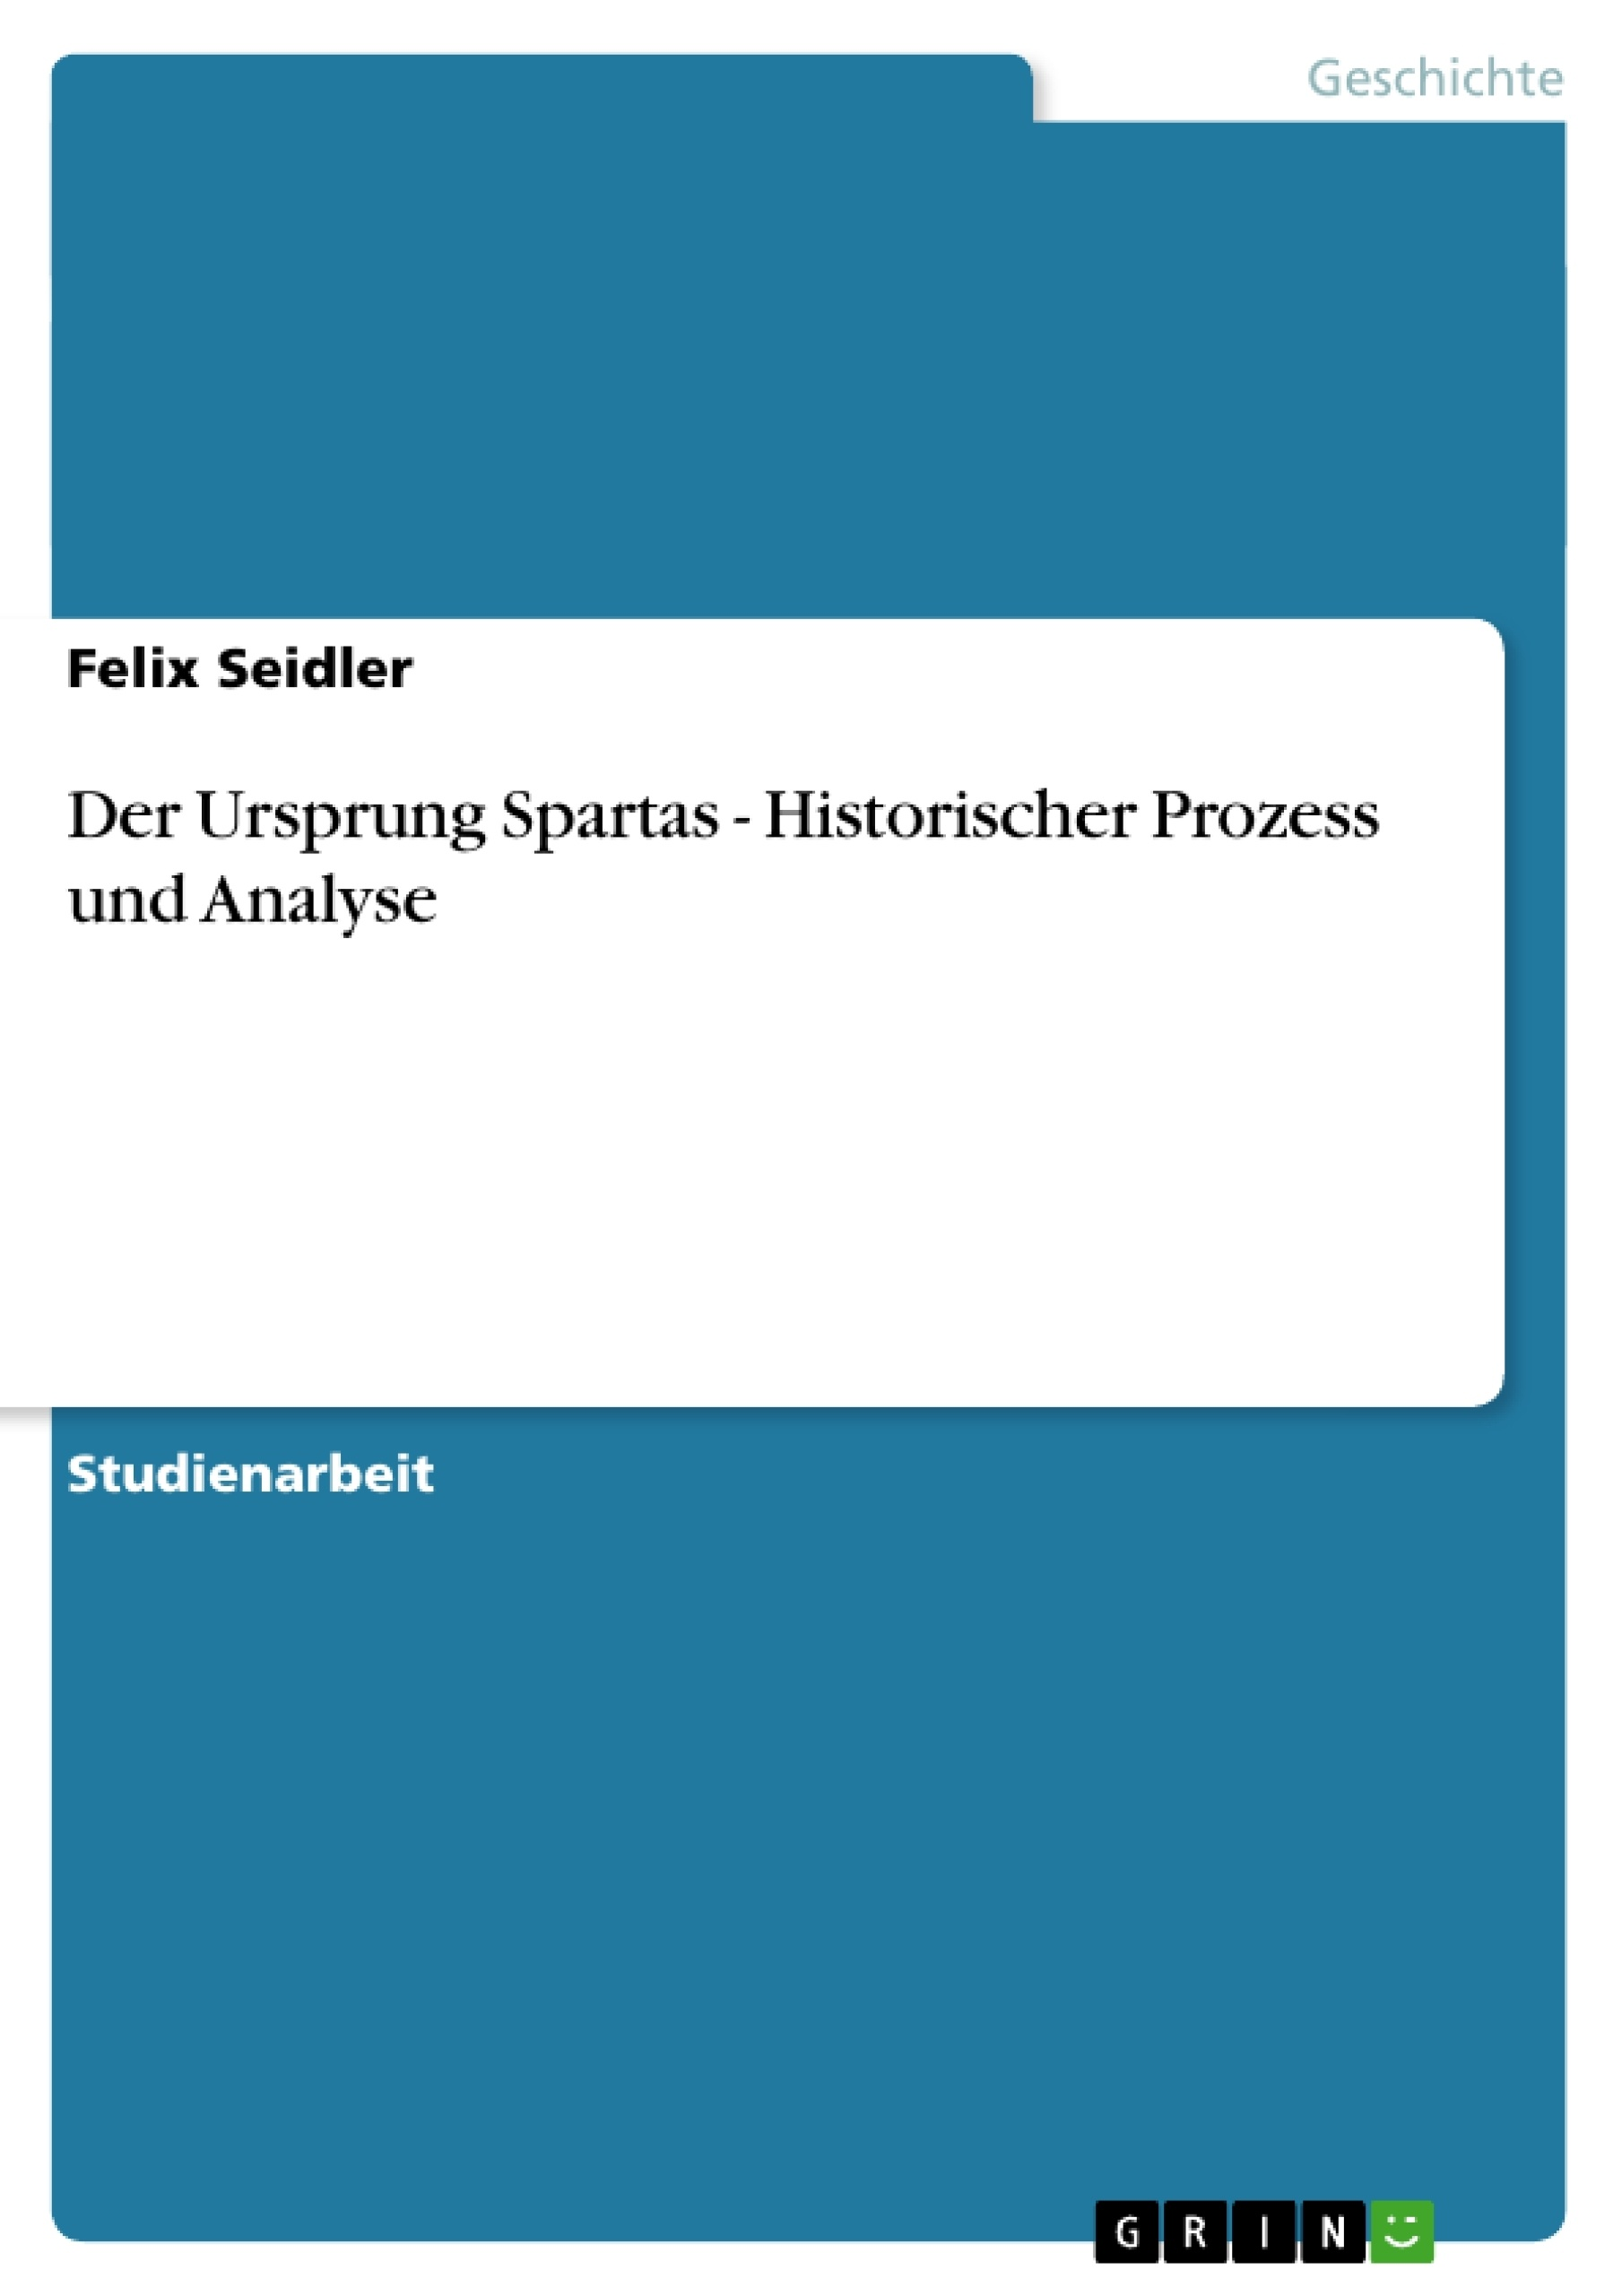 Titel: Der Ursprung Spartas - Historischer Prozess und Analyse